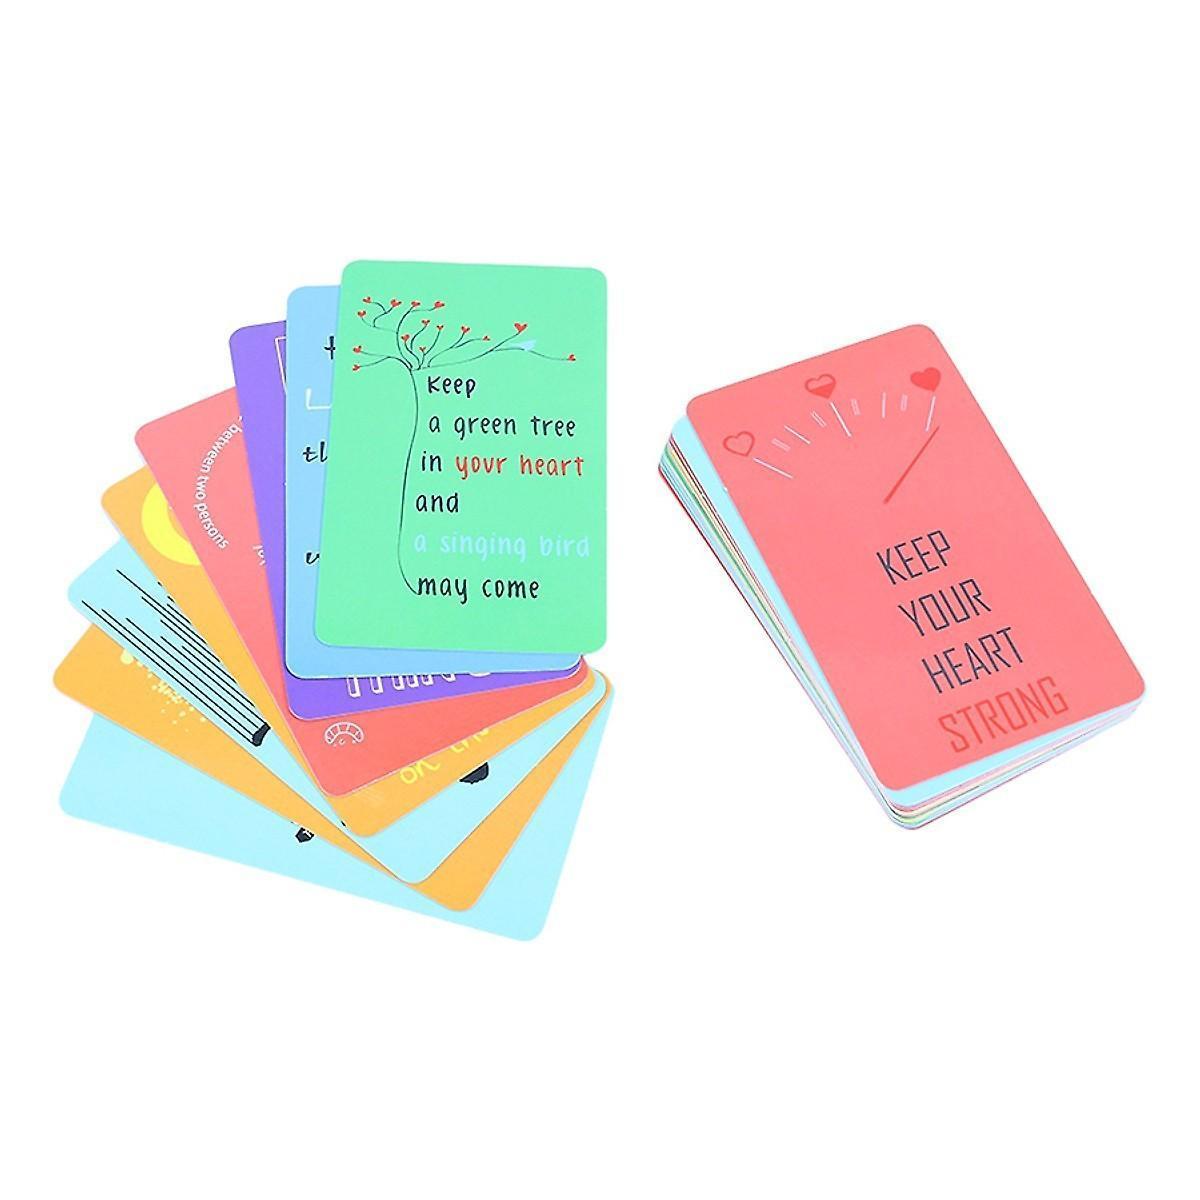 Ta Mù Tịt ! / Sách Kiến Thức Tổng Hợp - Kiến Thức Bách Khoa (Tặng Kèm Bookmark Happy Life)